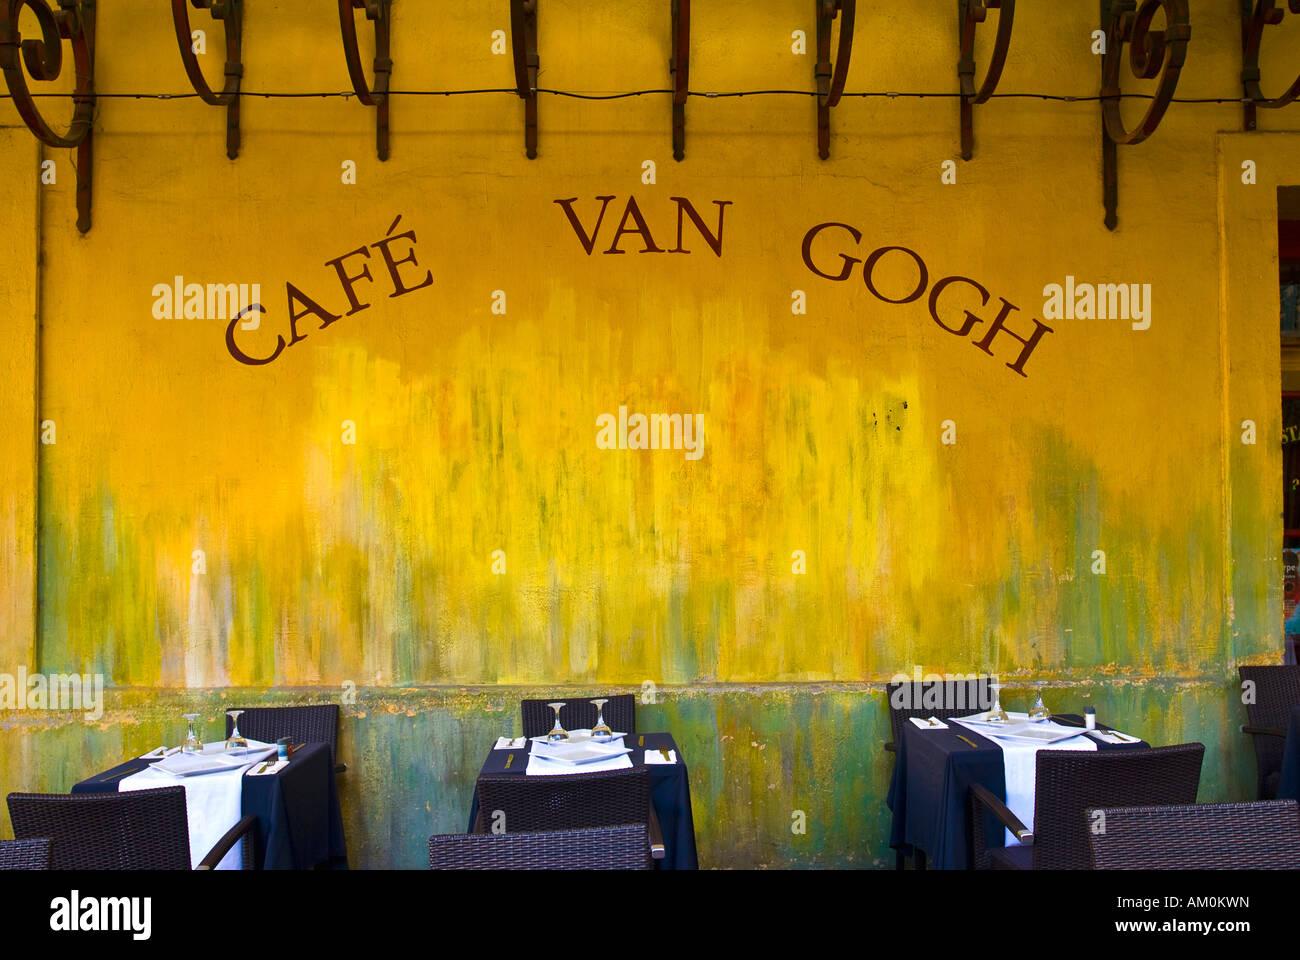 Cafe la Nuit, Cafe van Gogh, Place du Forum, Arles, Provence-Alpes-Cote d ' Azur, Frankreich Stockbild